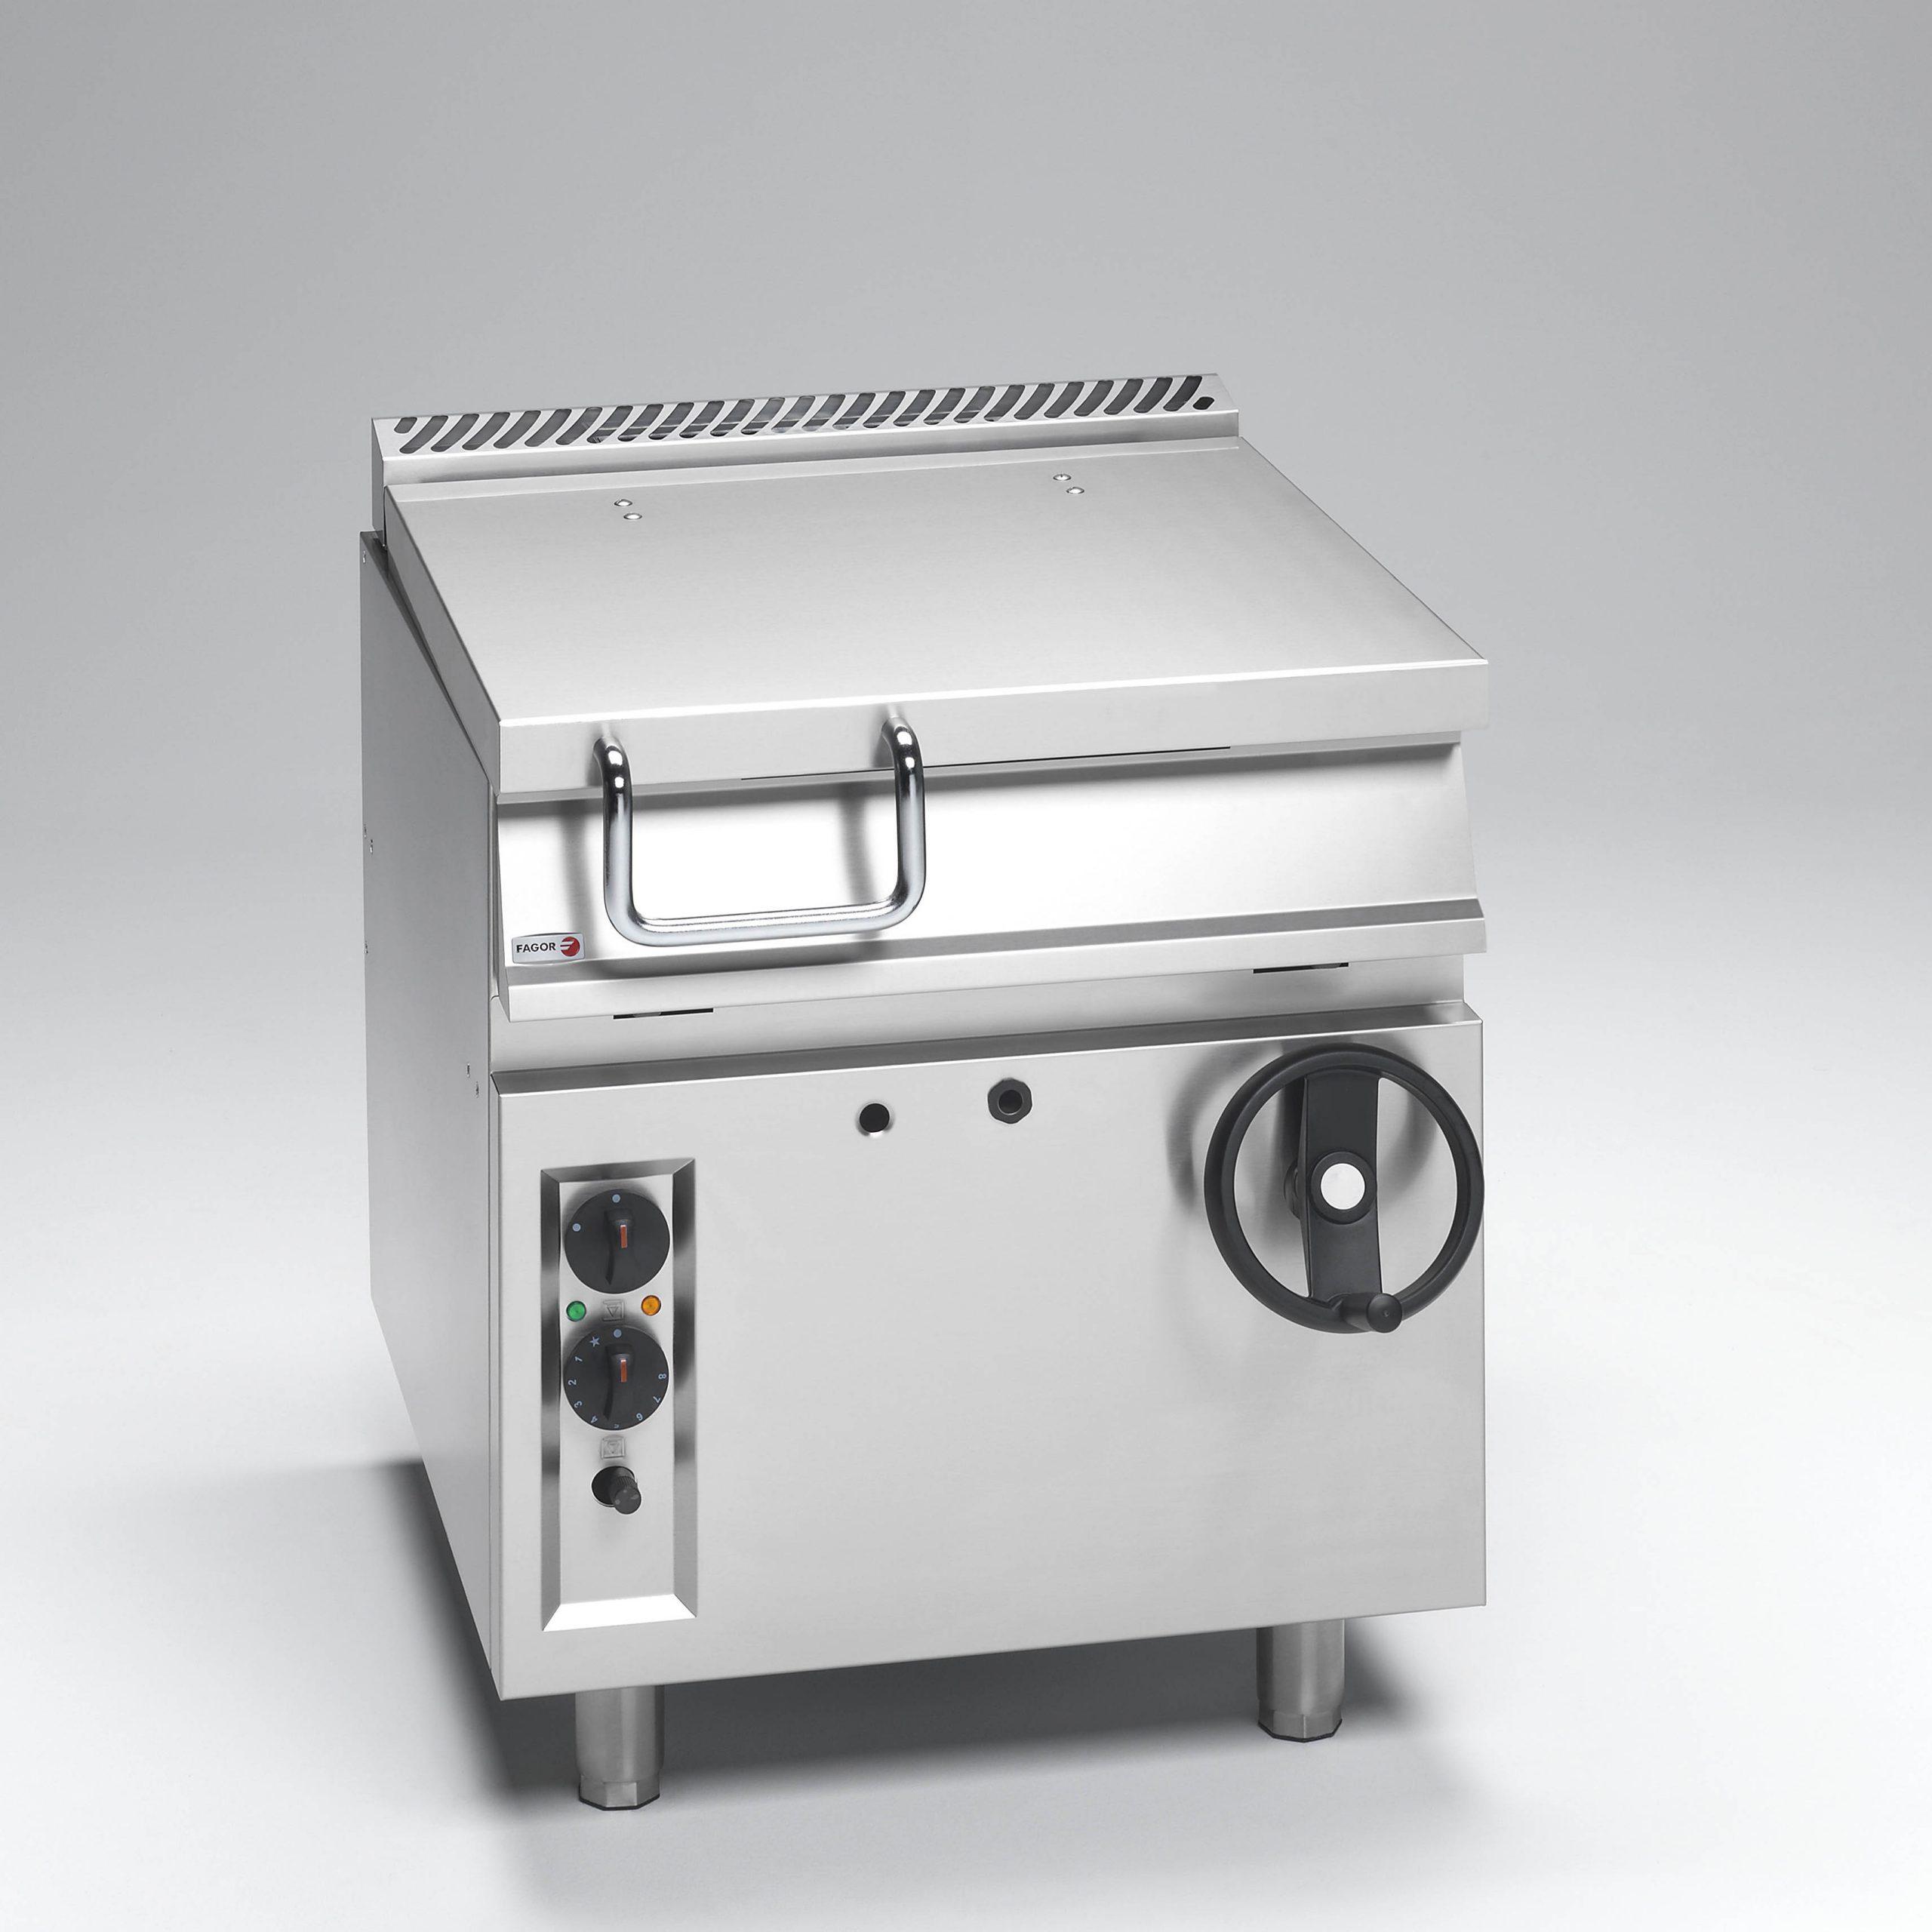 Kogegryde til storkøkken